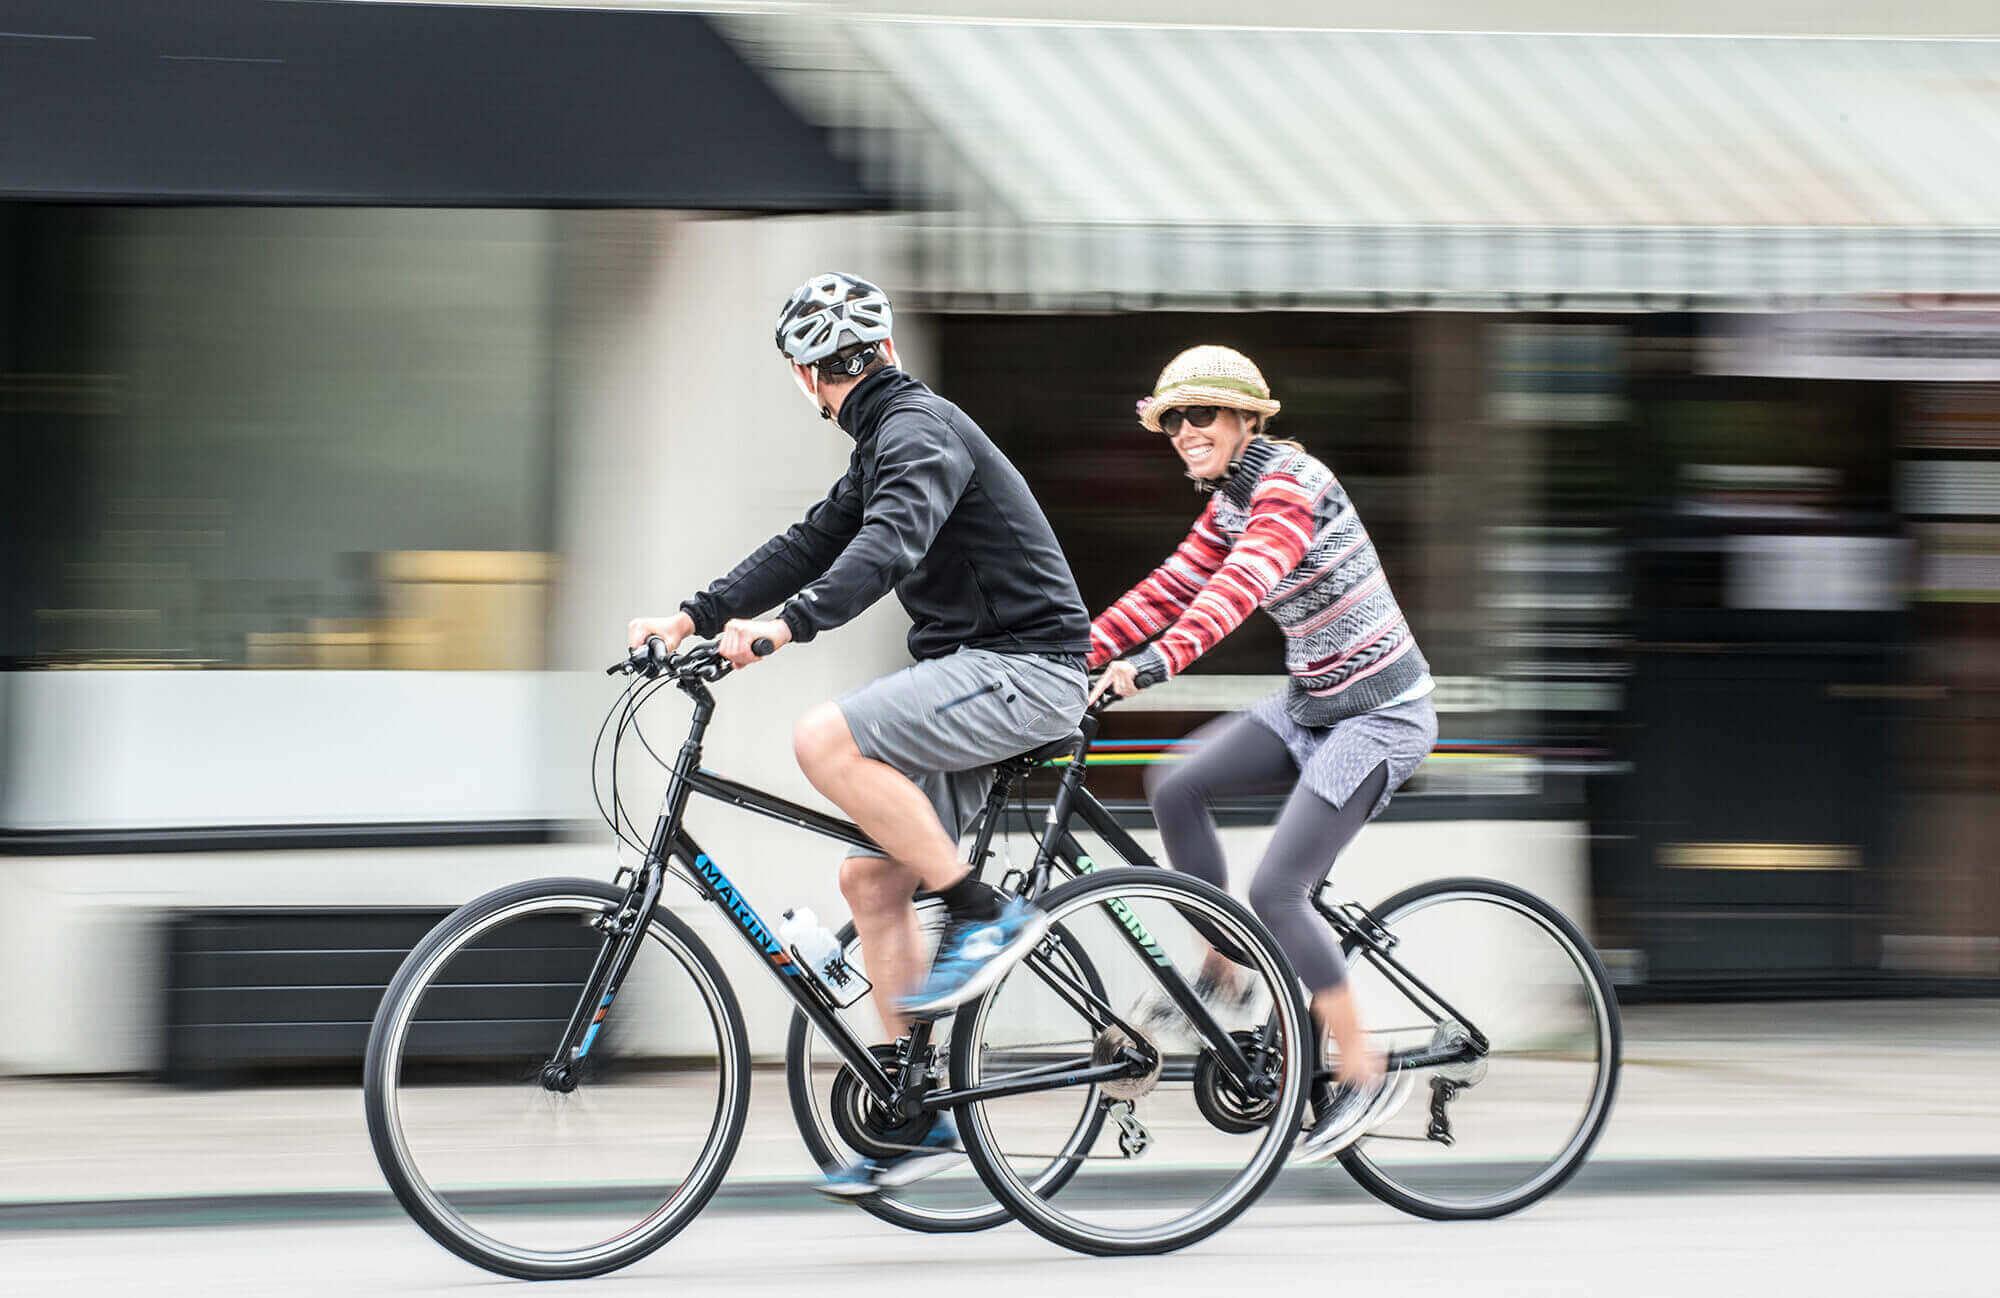 Best Hybrid Bikes Under 500 Review